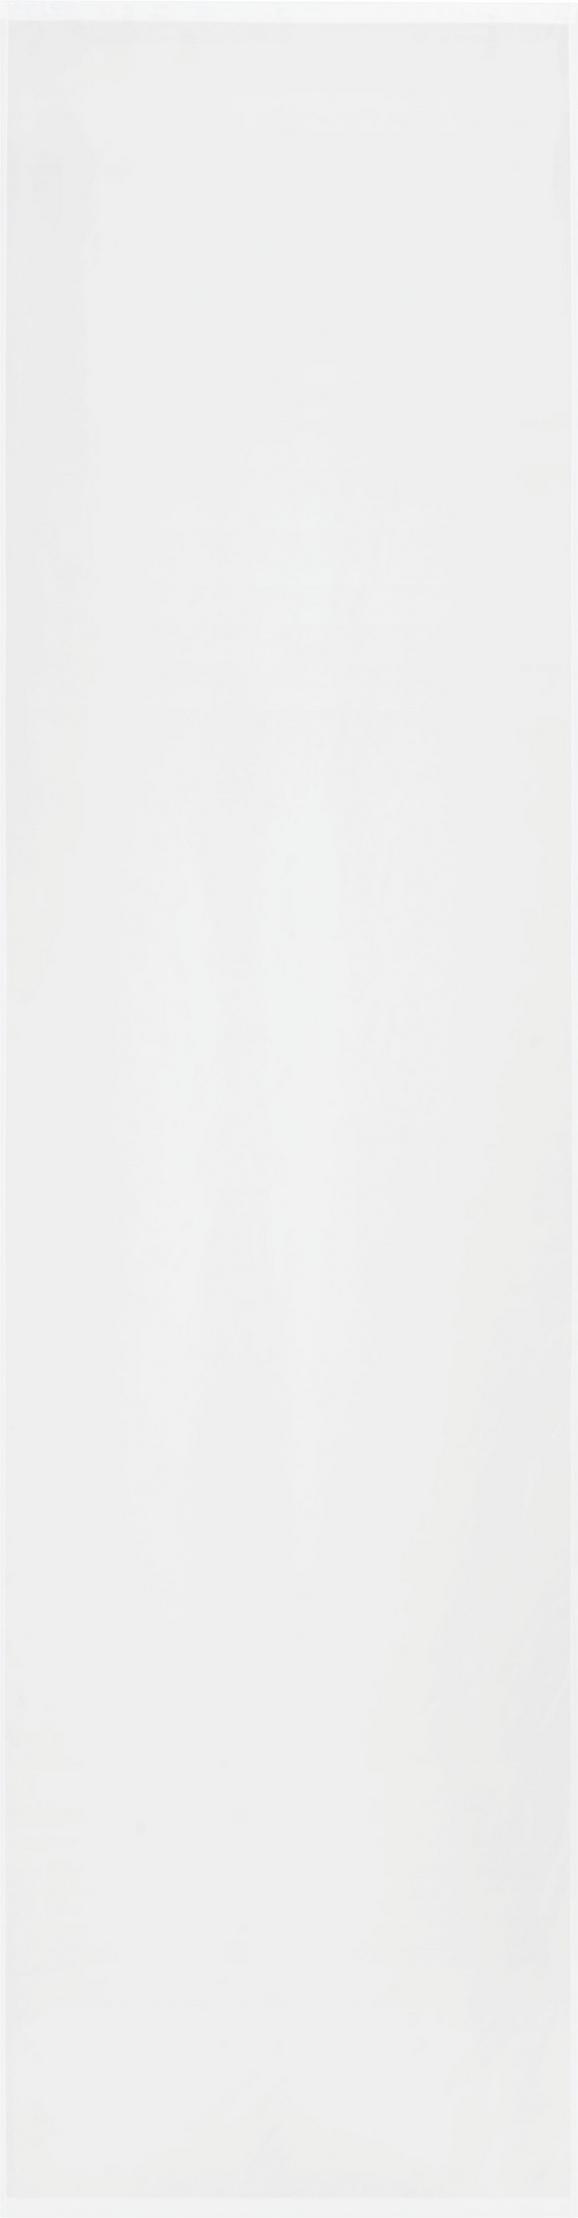 Flächenvorhang Flipp in Weiß, ca. 60x245cm - Weiß, Textil (60/245cm) - MÖMAX modern living